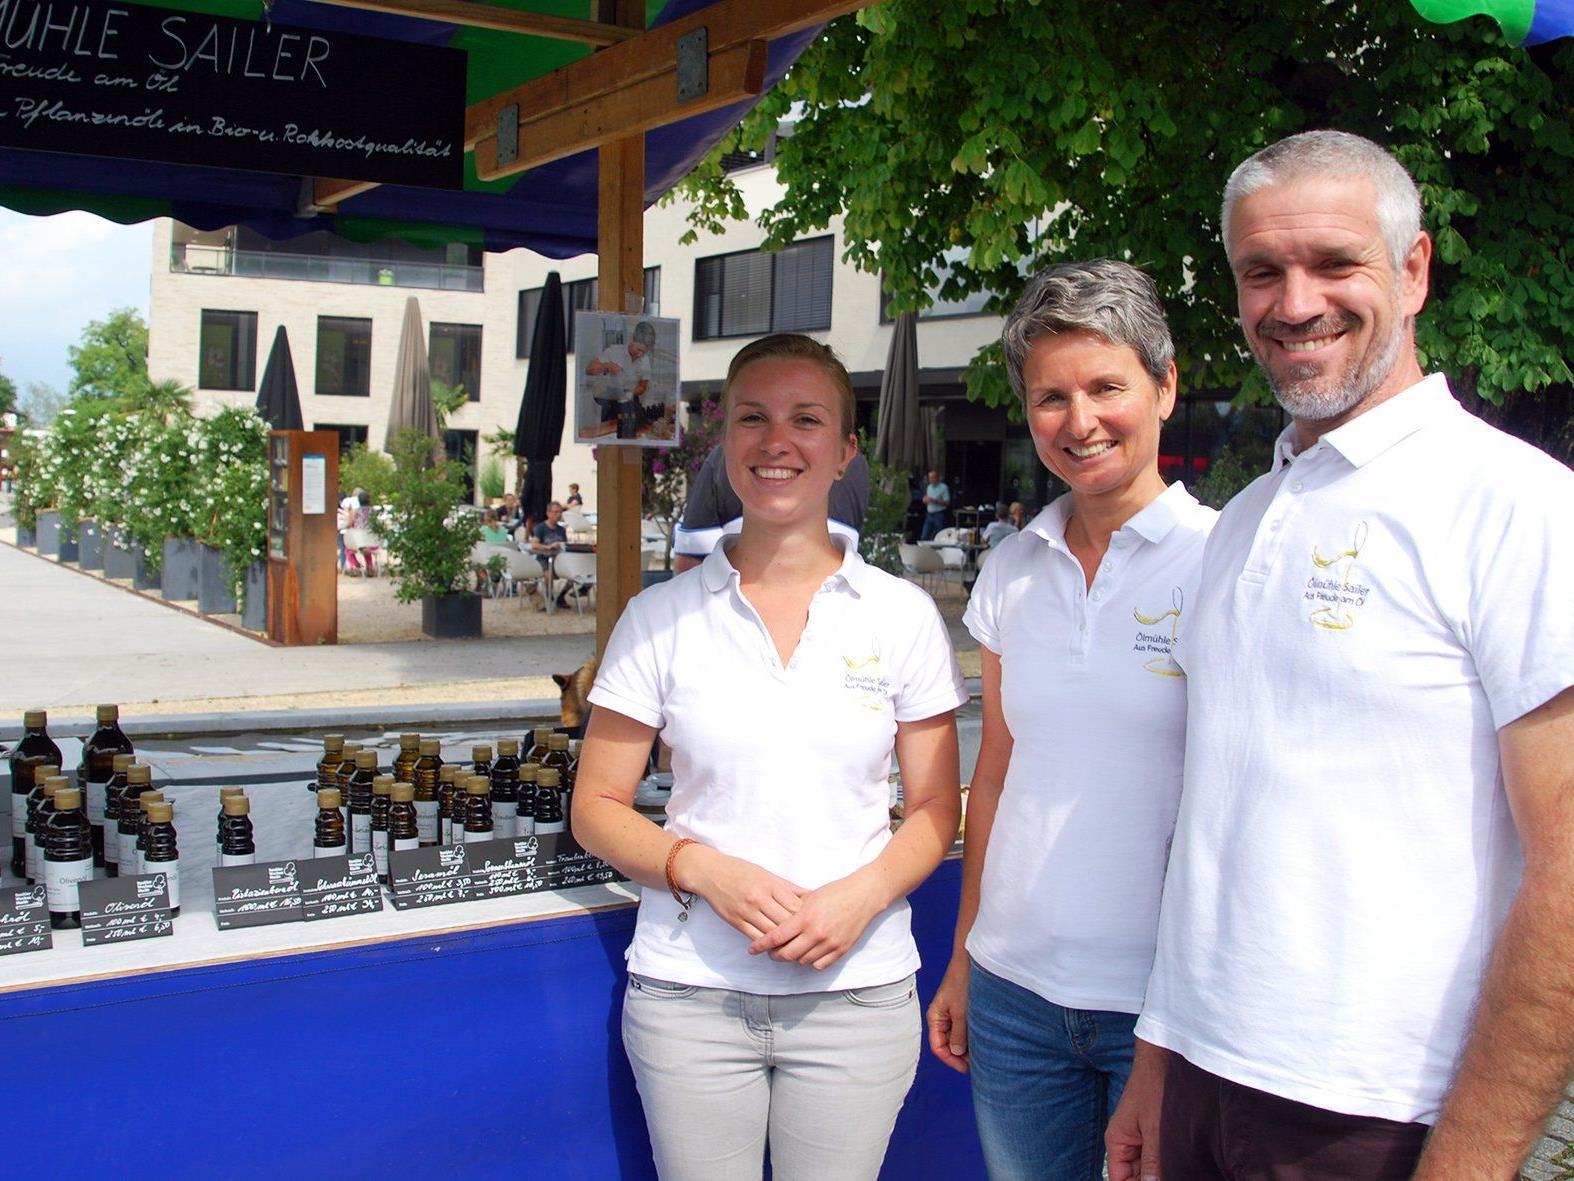 Ölmühle Sailer bietet auf dem Rankler Wochenmarkt kaltgepresste Pflanzenöle und Aufstriche.